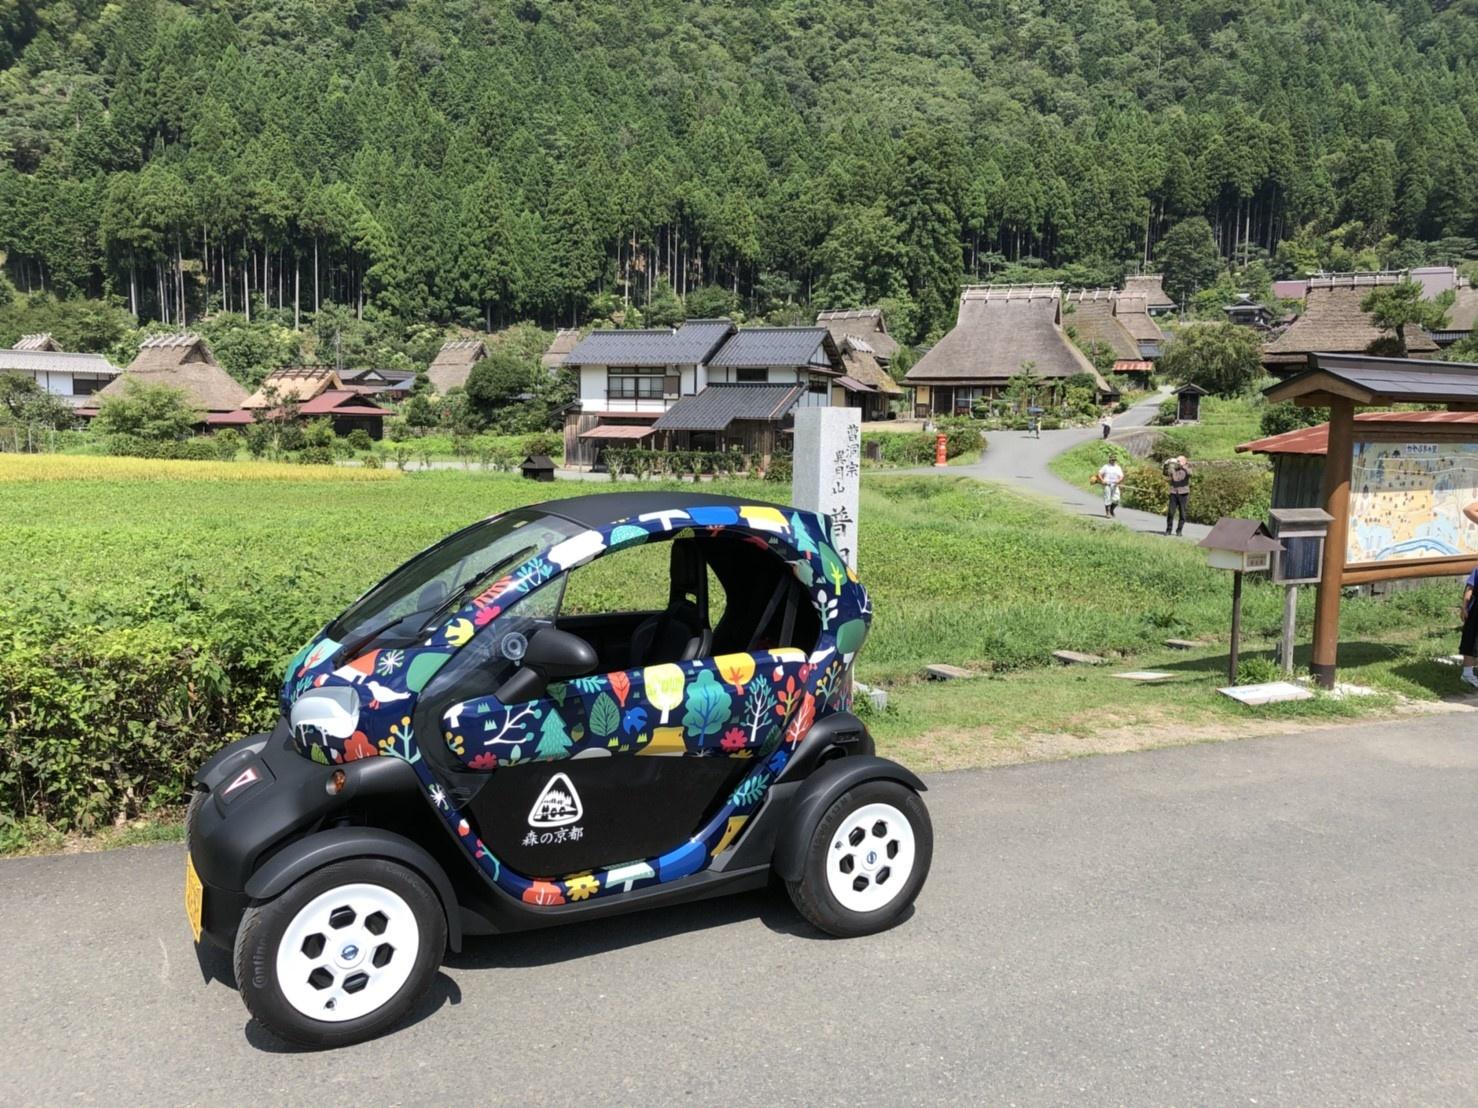 即時熱門文章:森之京都|京都主題超重點,美山牛奶工廠+MIYAMOBI電動車遊美山~